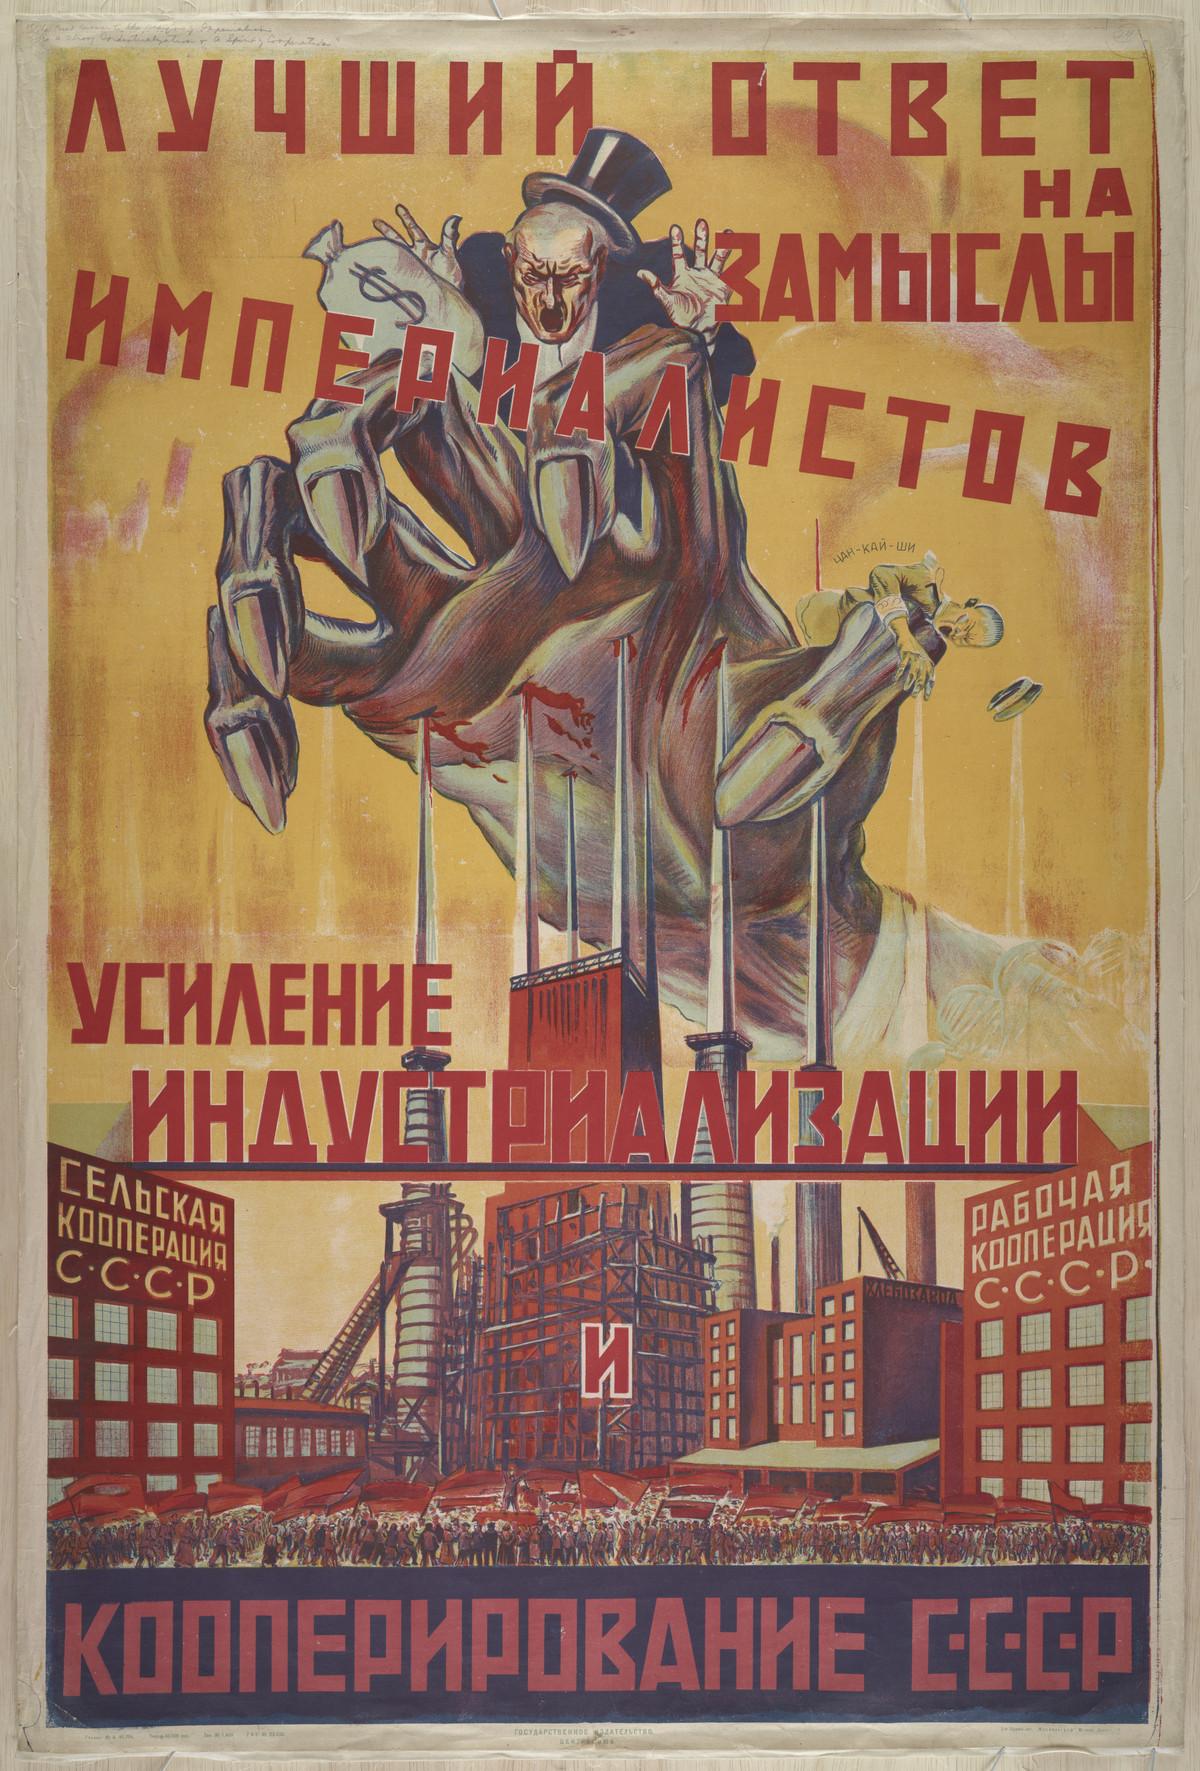 Плакаты с коммунистической идеологией 1919-1989 годов 72